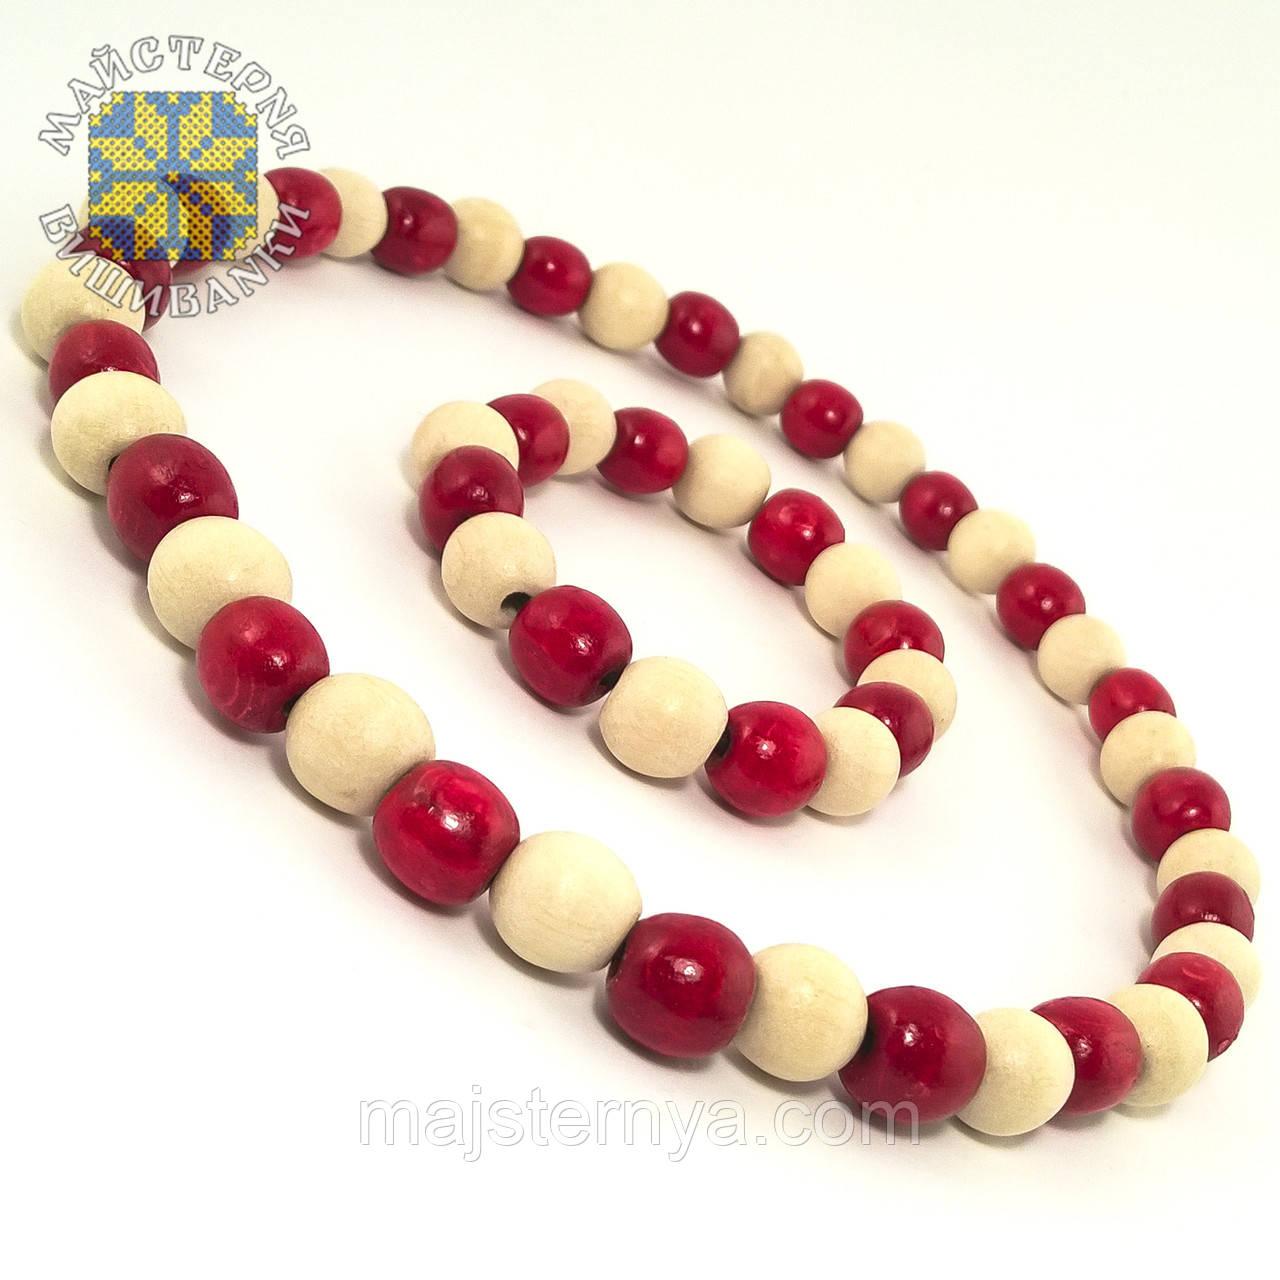 Буси з браслетом із дерев'яних бусин, два кольори Червоний; Білий